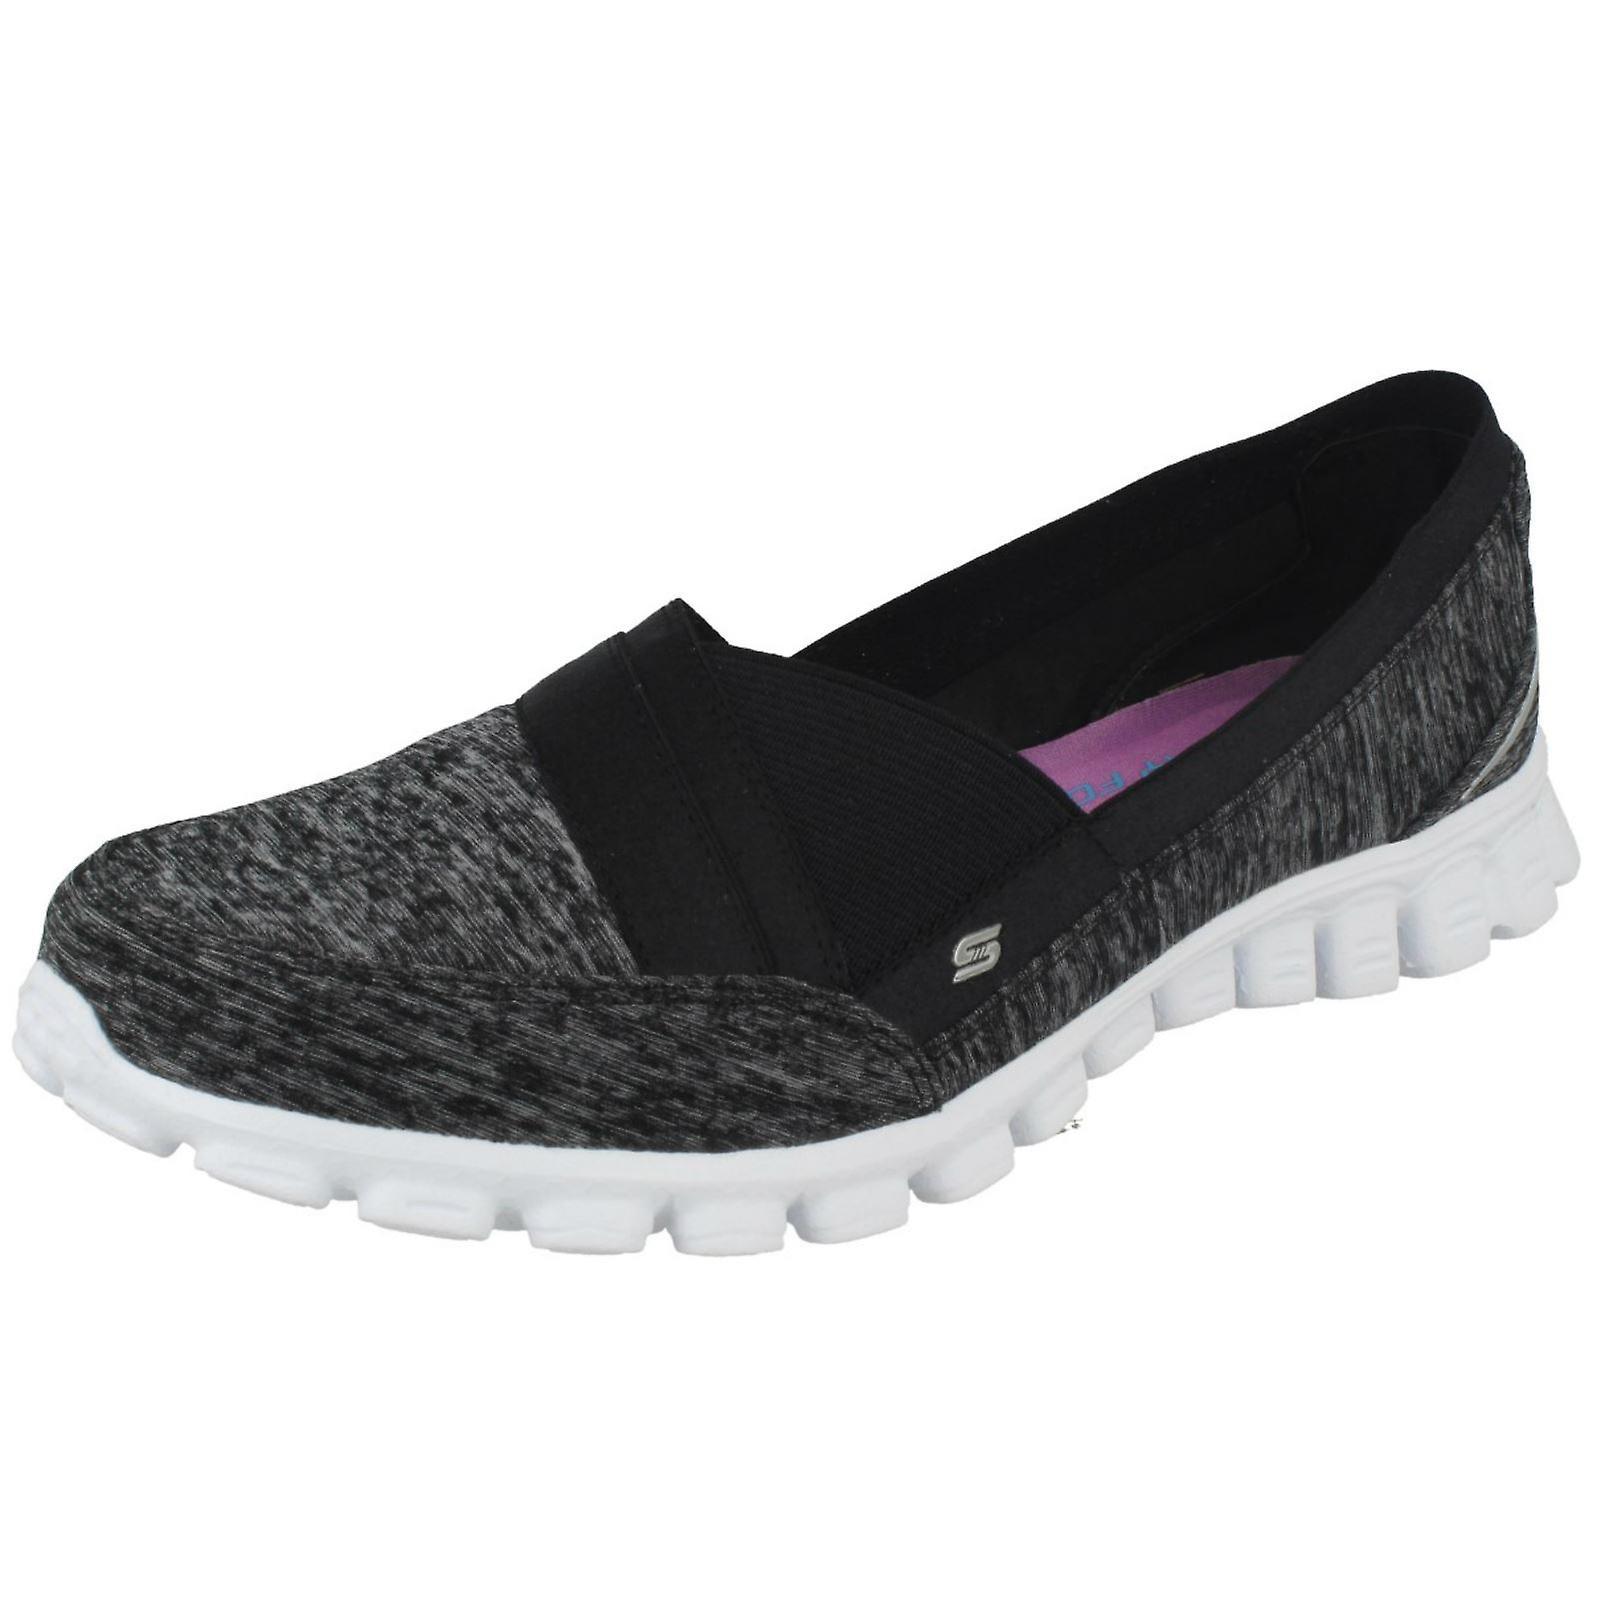 Dames Skechers Casual schoenen EZ Flex 2 fascinatie